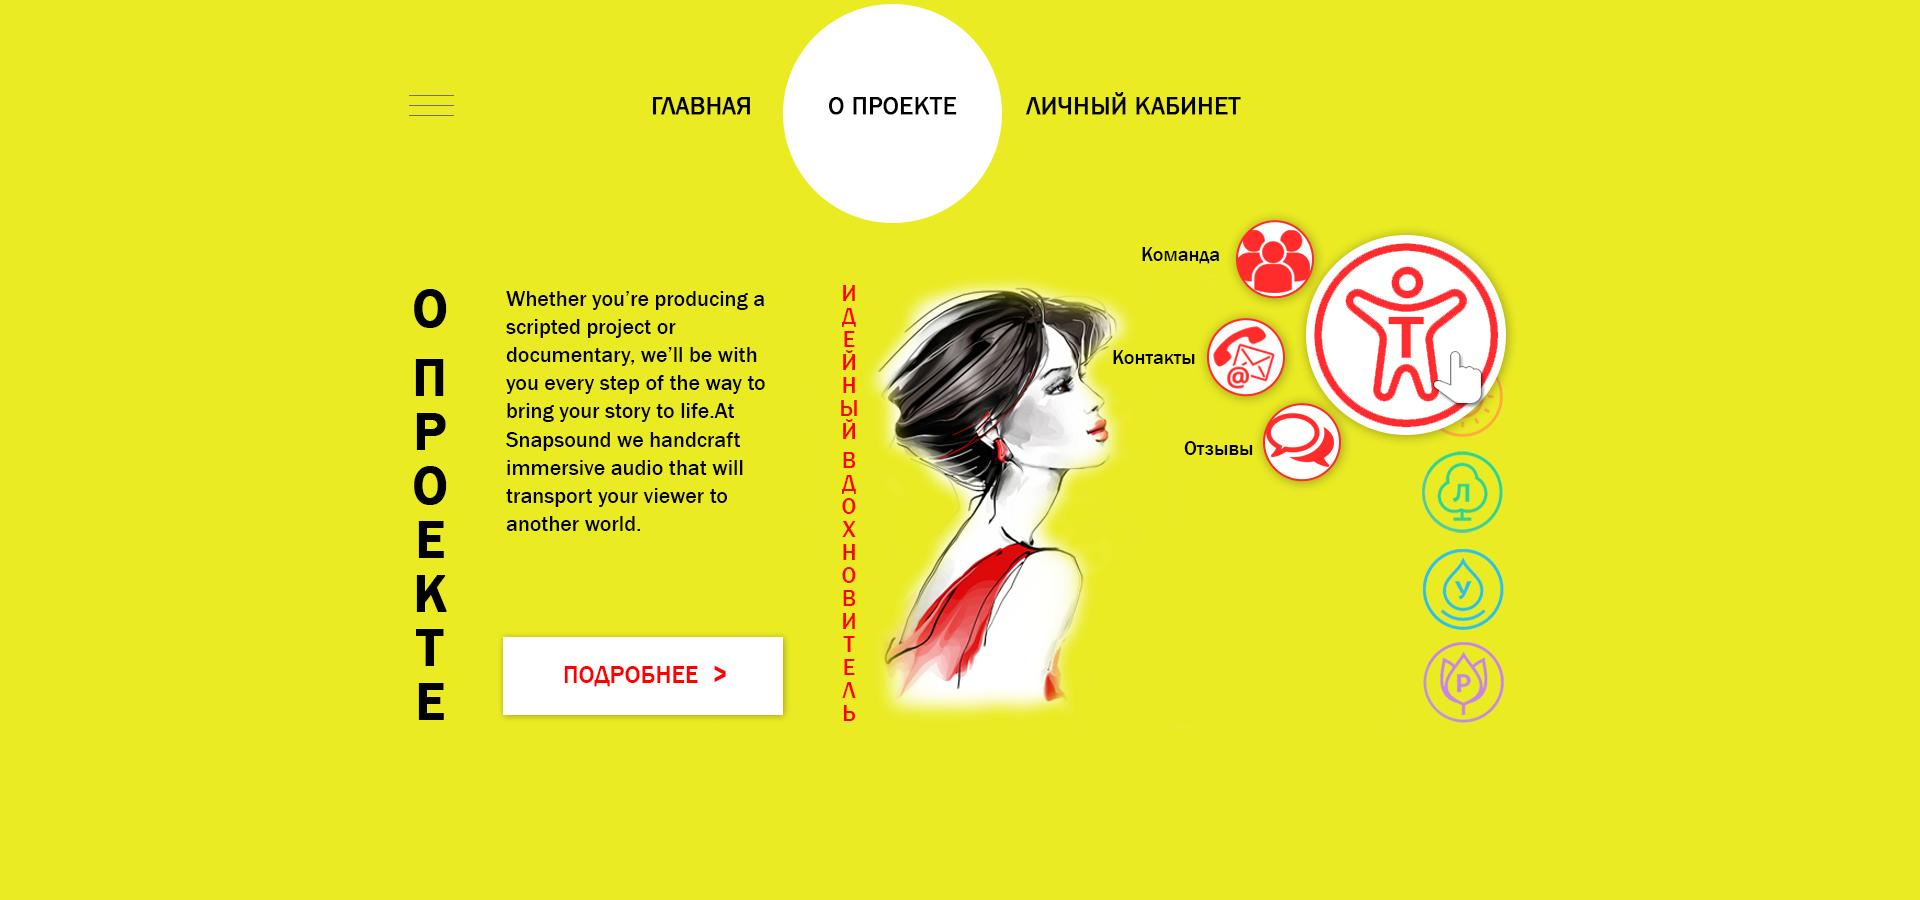 Креативный дизайн внутренней страницы портала для детей фото f_8155cfbfc579982d.jpg